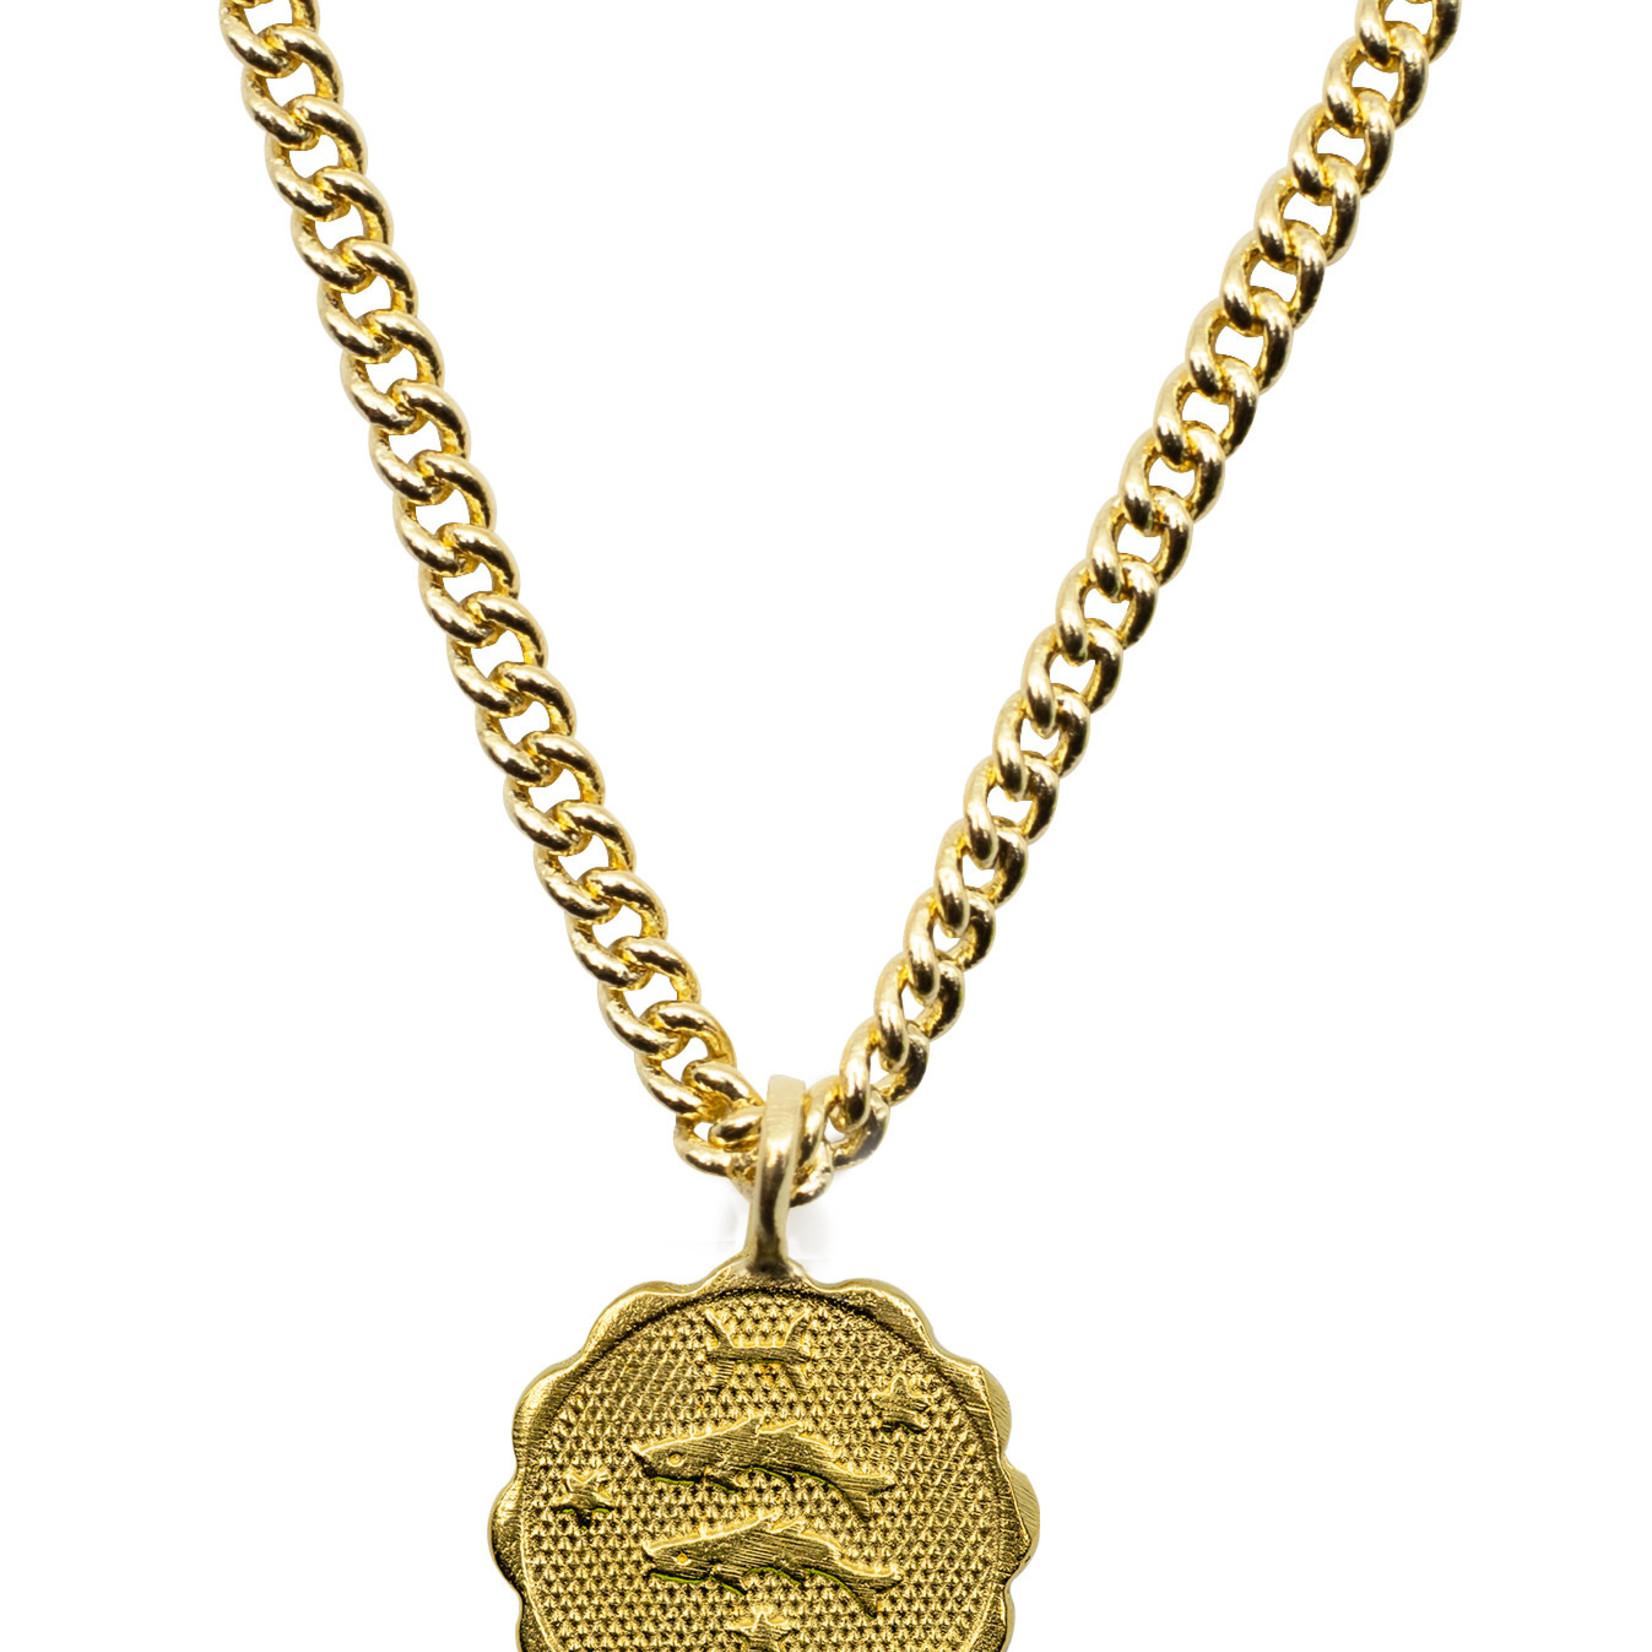 Mana Made Jewelry 14 Karat  Gold Plated Zodiac Necklace by Mana Made Jewlery